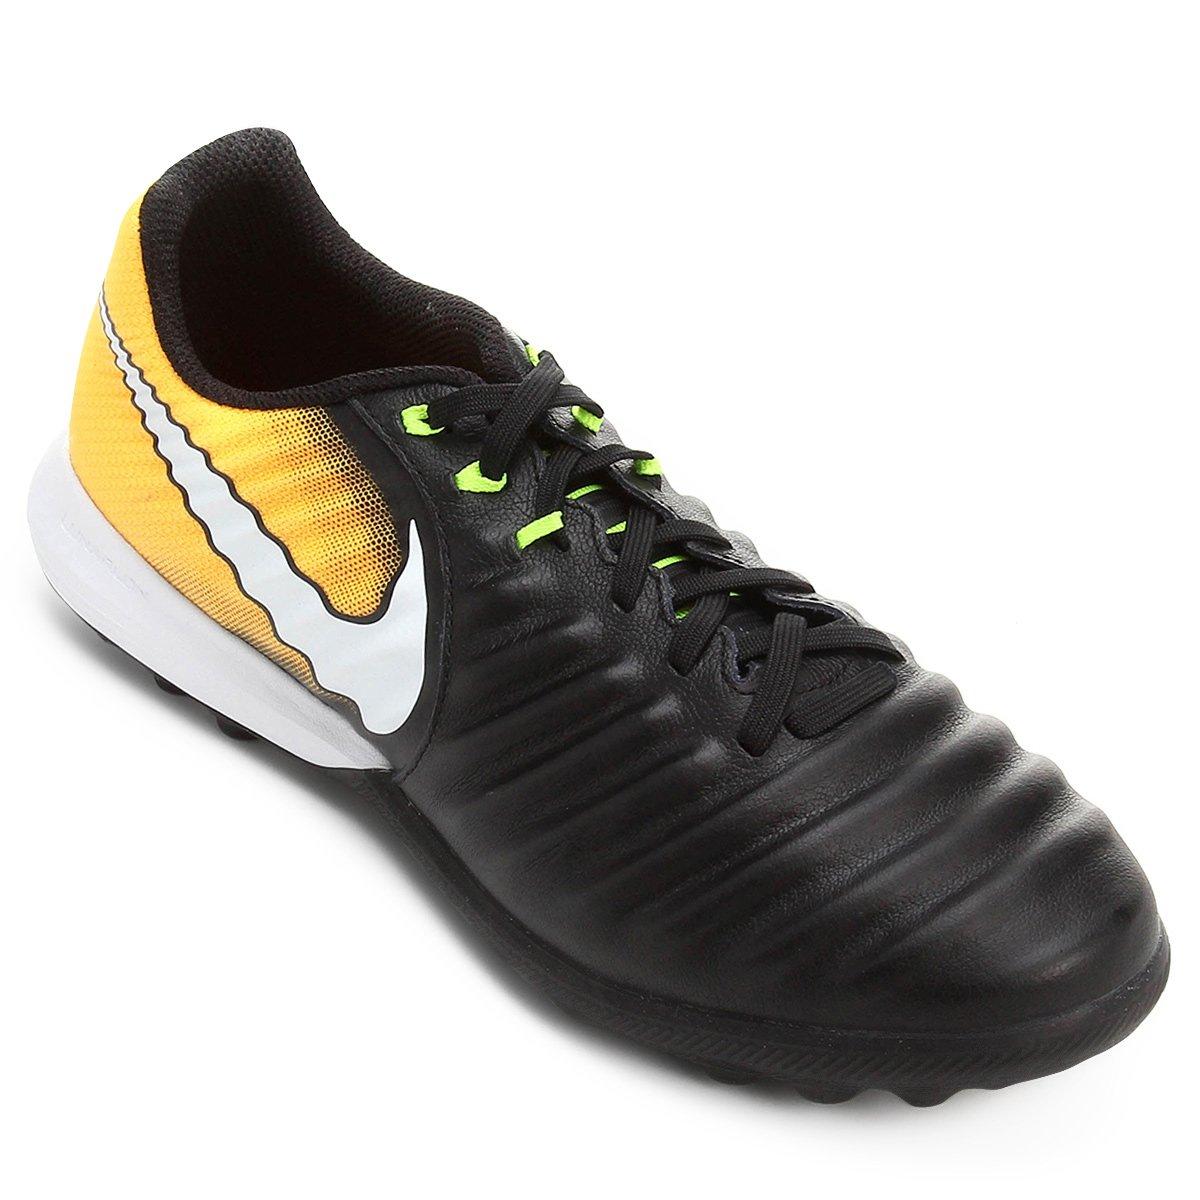 474a8e9f00 Chuteira Society Nike Tiempo Finale TF - Preto e Laranja - Compre ...